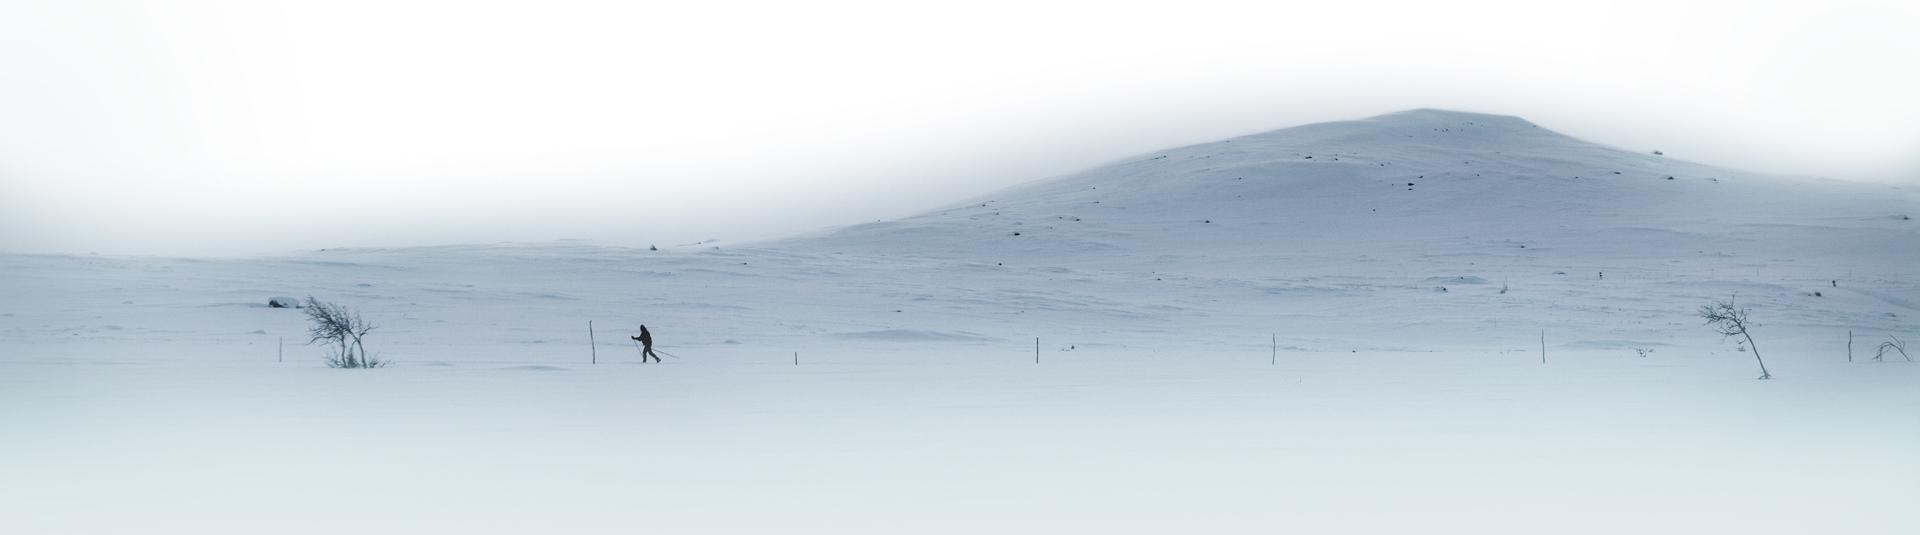 langrennsløper på tur på med vinterlandskap i bakgrunnen